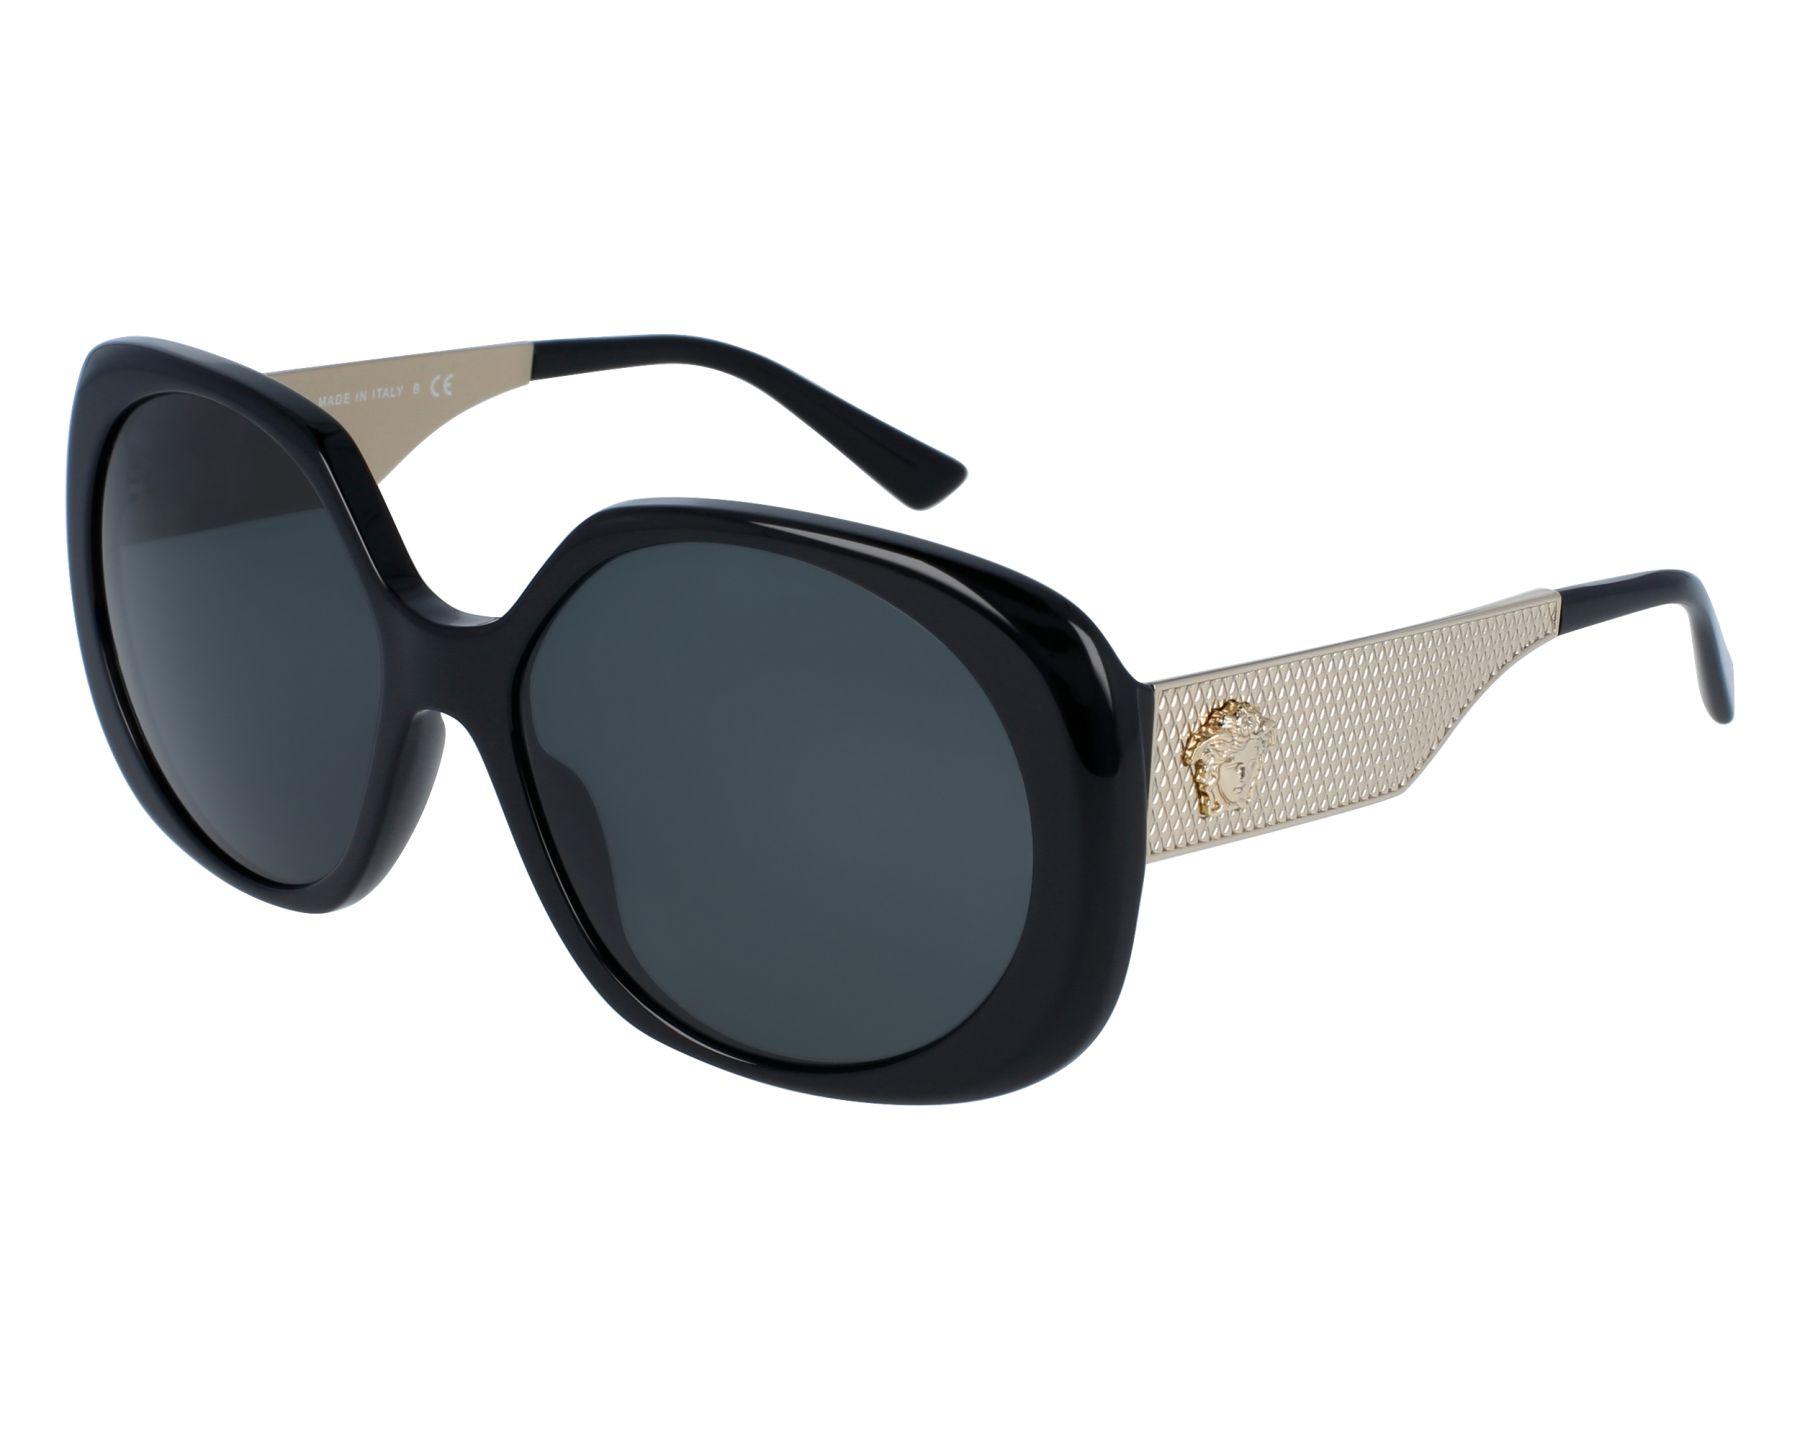 Versace VE4331 Sonnenbrille Schwarz GB1/87 57mm AS3Rw